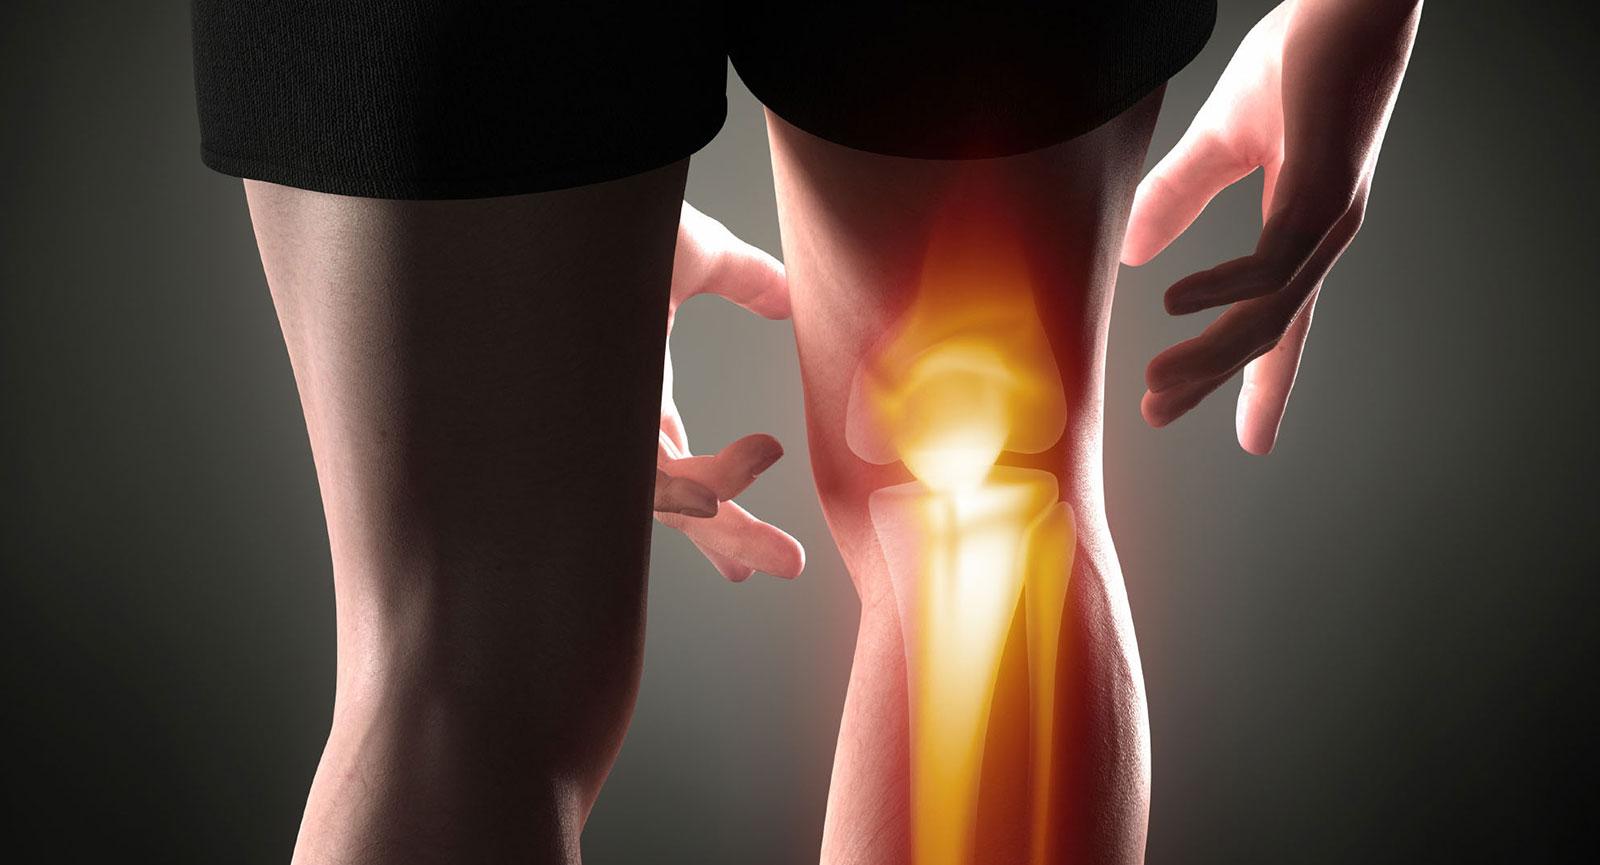 Люди сходят с ума от этого рецепта! Он исцеляет колено, кость и боль в суставах